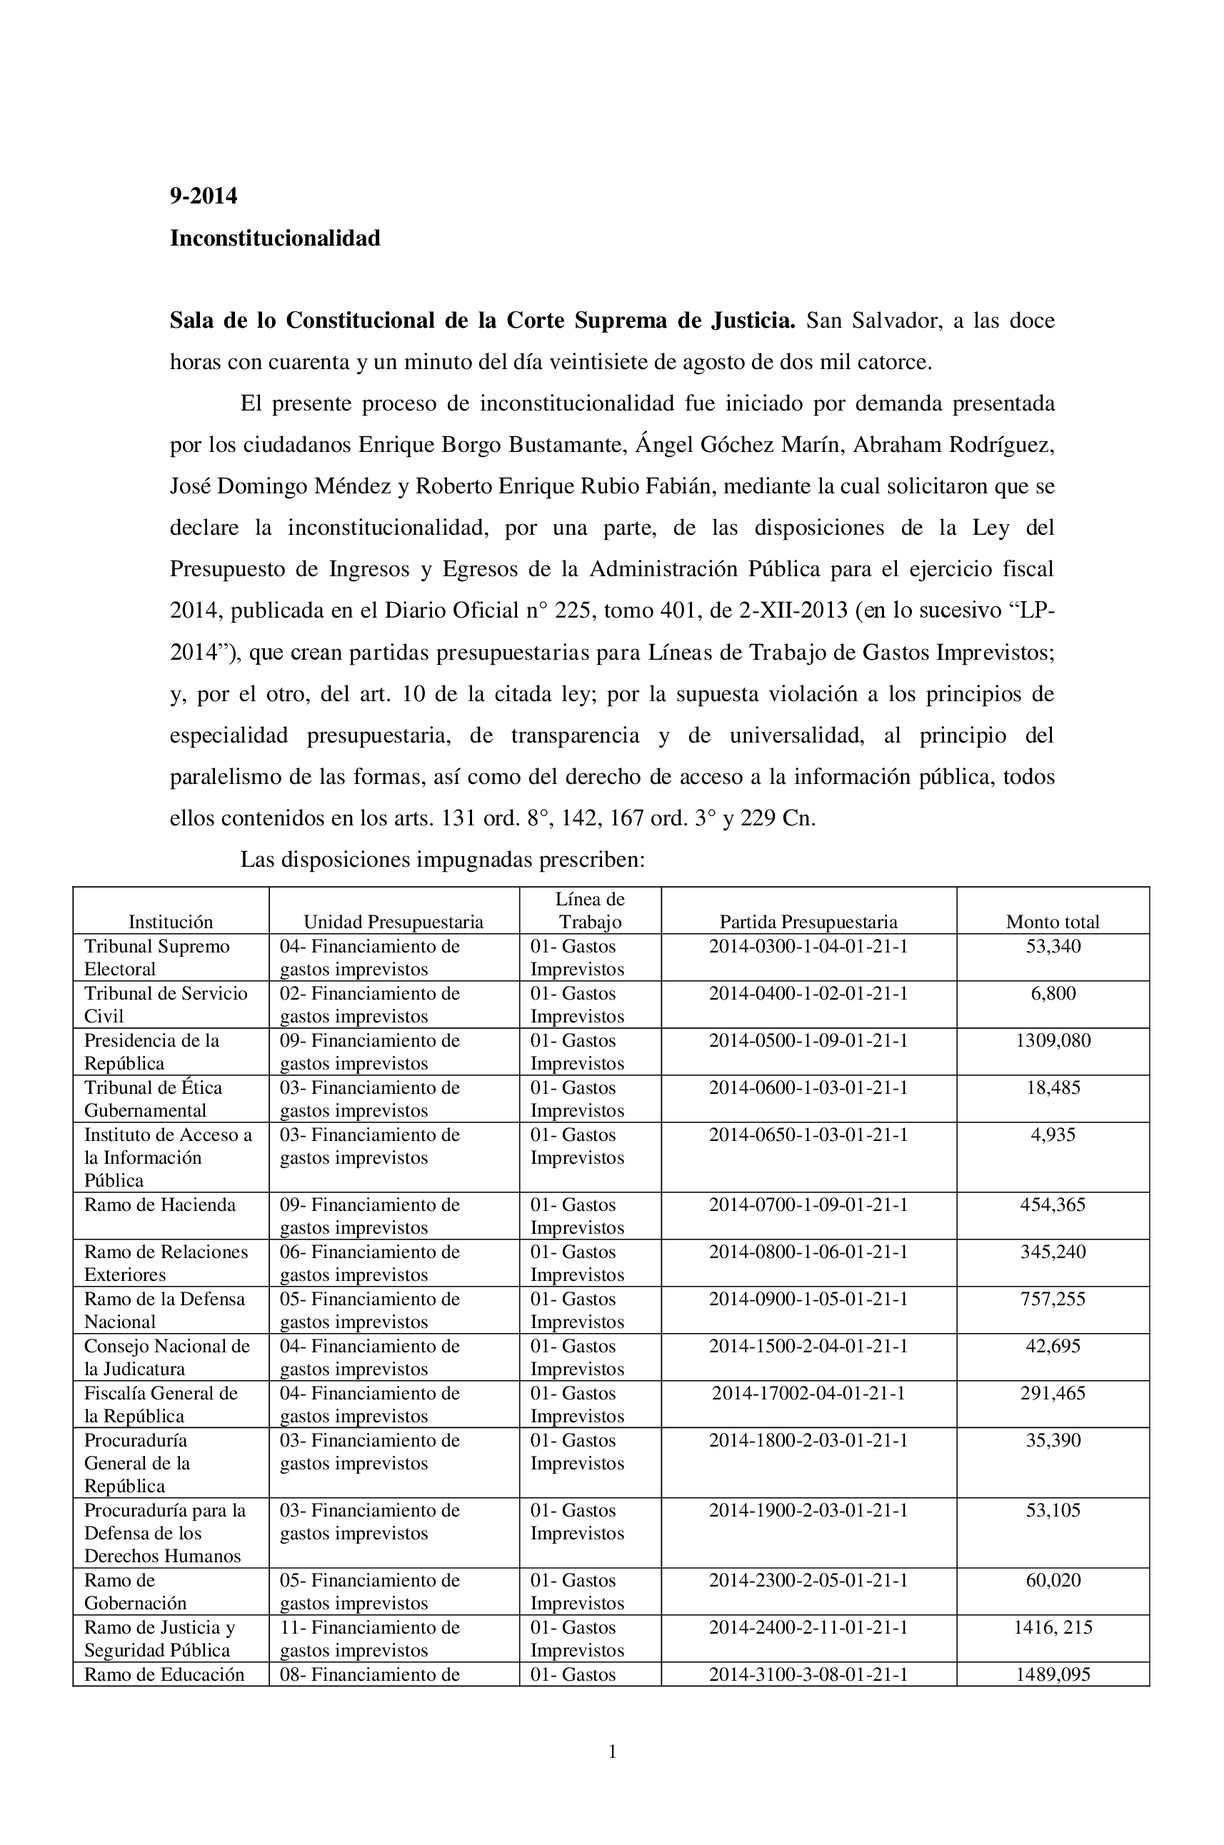 Sentencia de inconstitucionalidad 9-2014